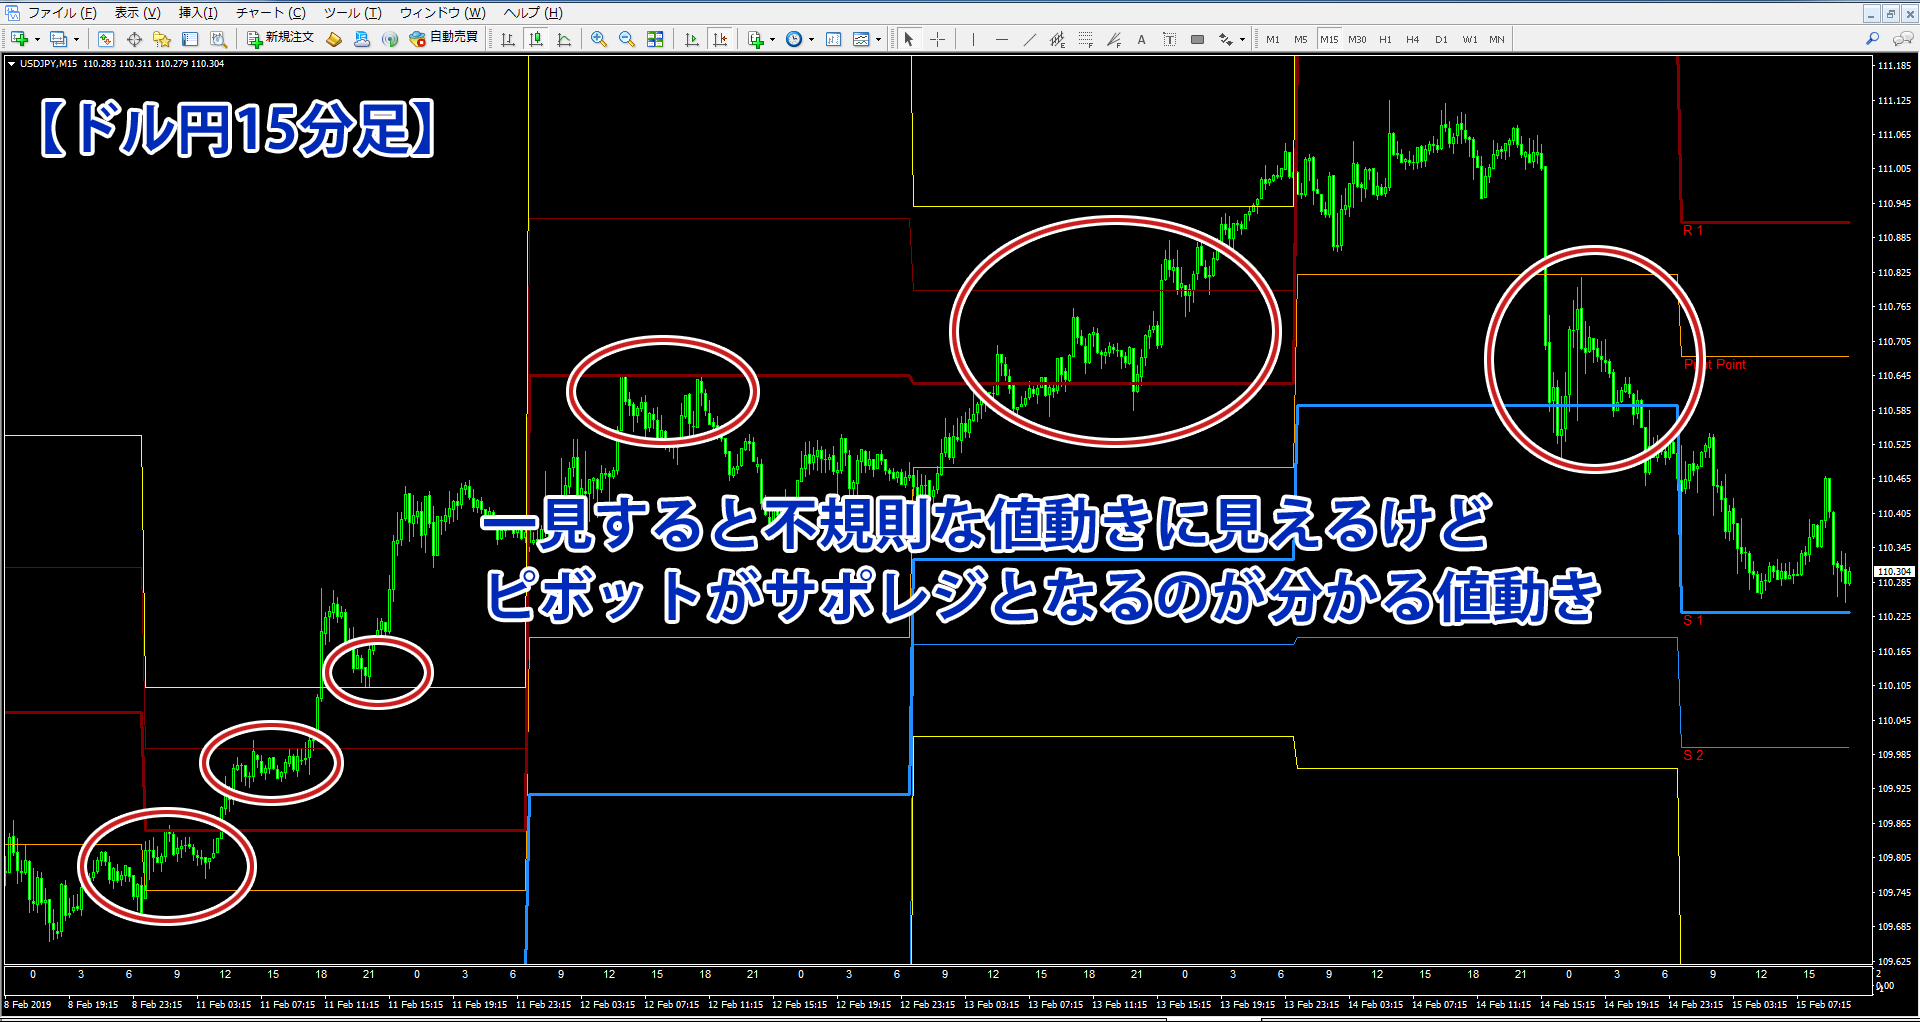 ピボットを表示したドル円15分足のチャート画像